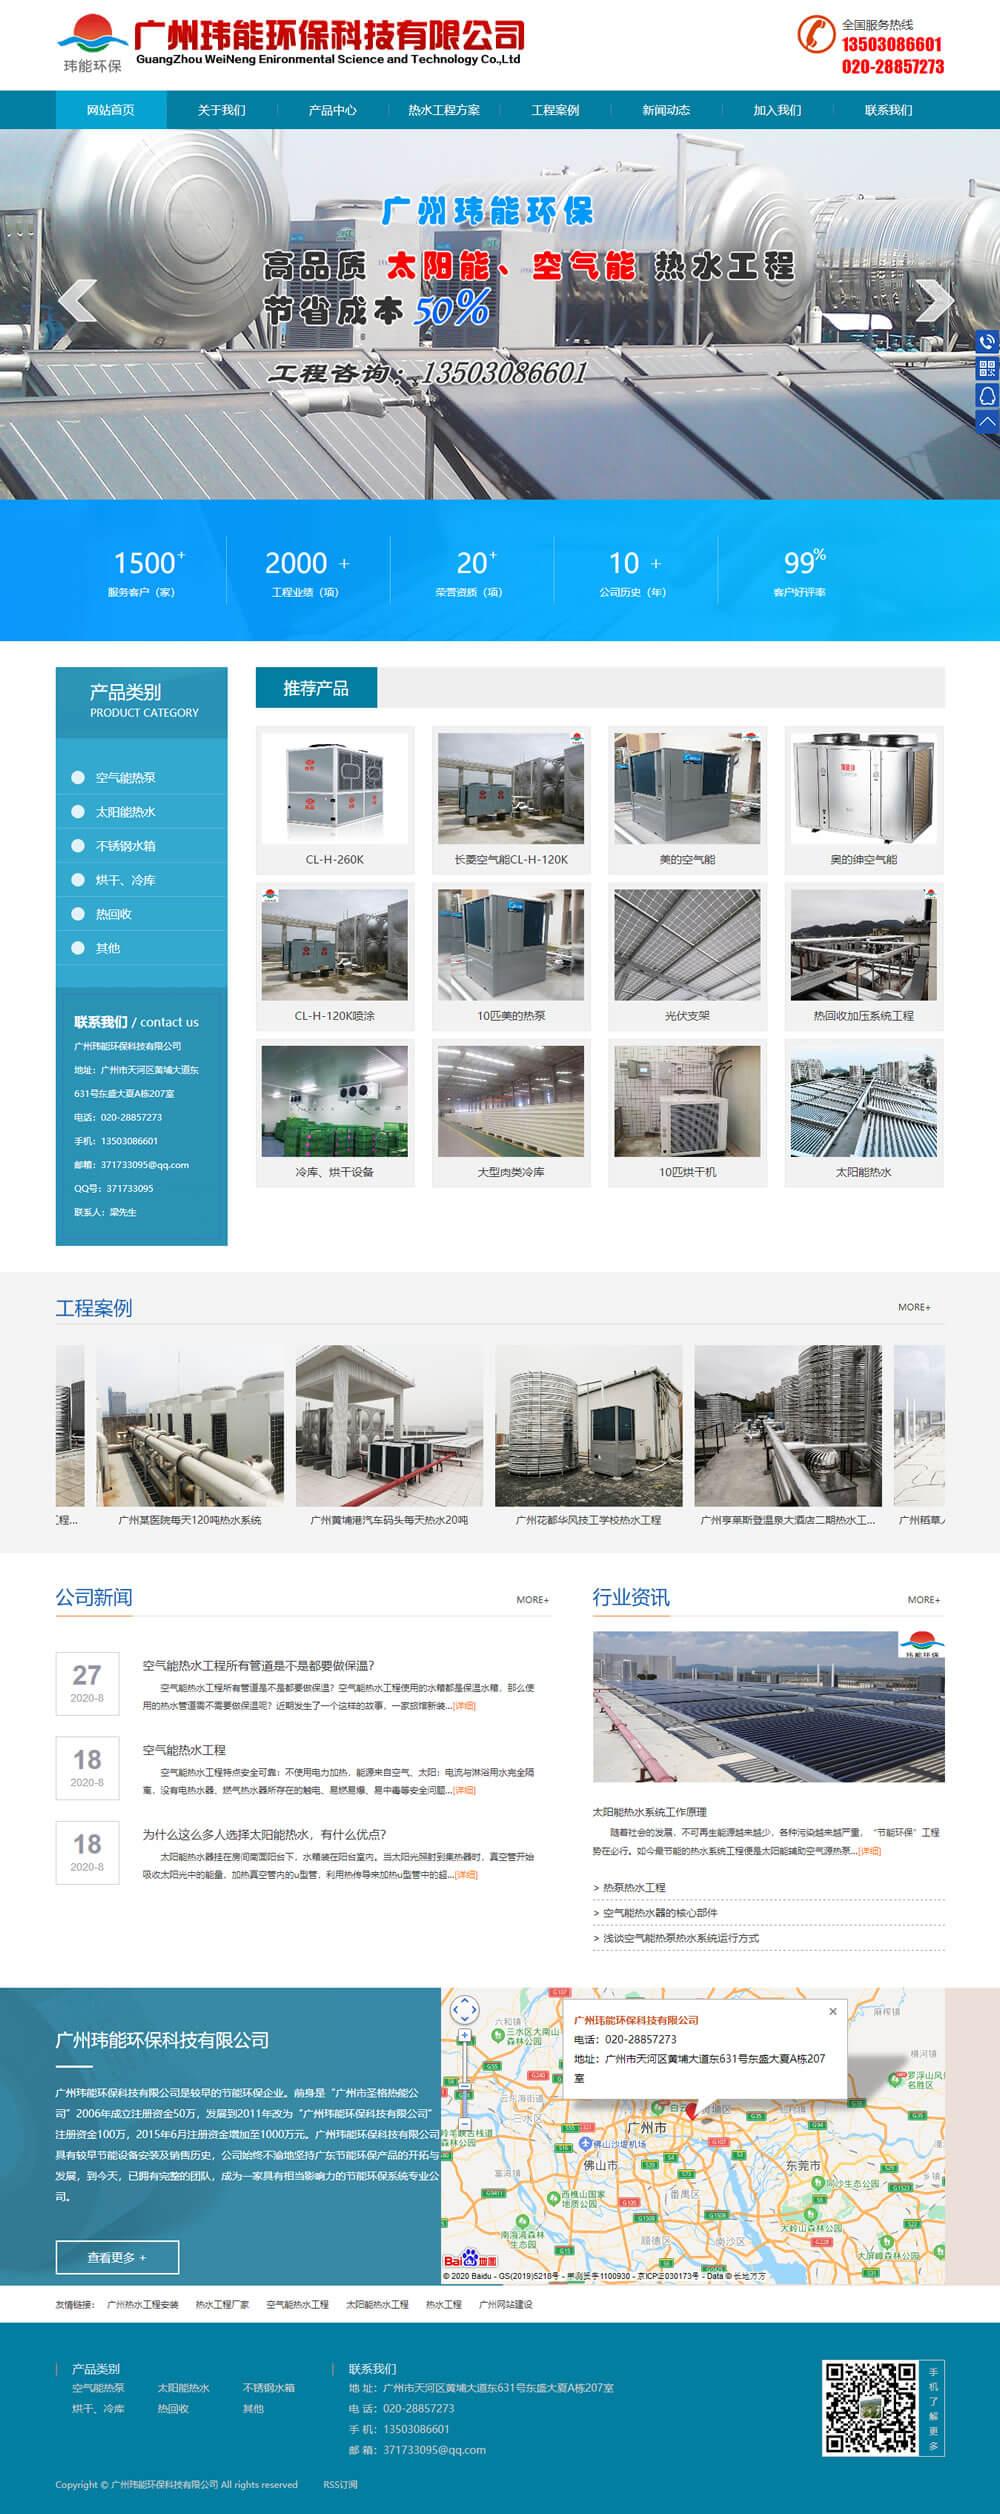 廣州瑋能環保科技有限公司